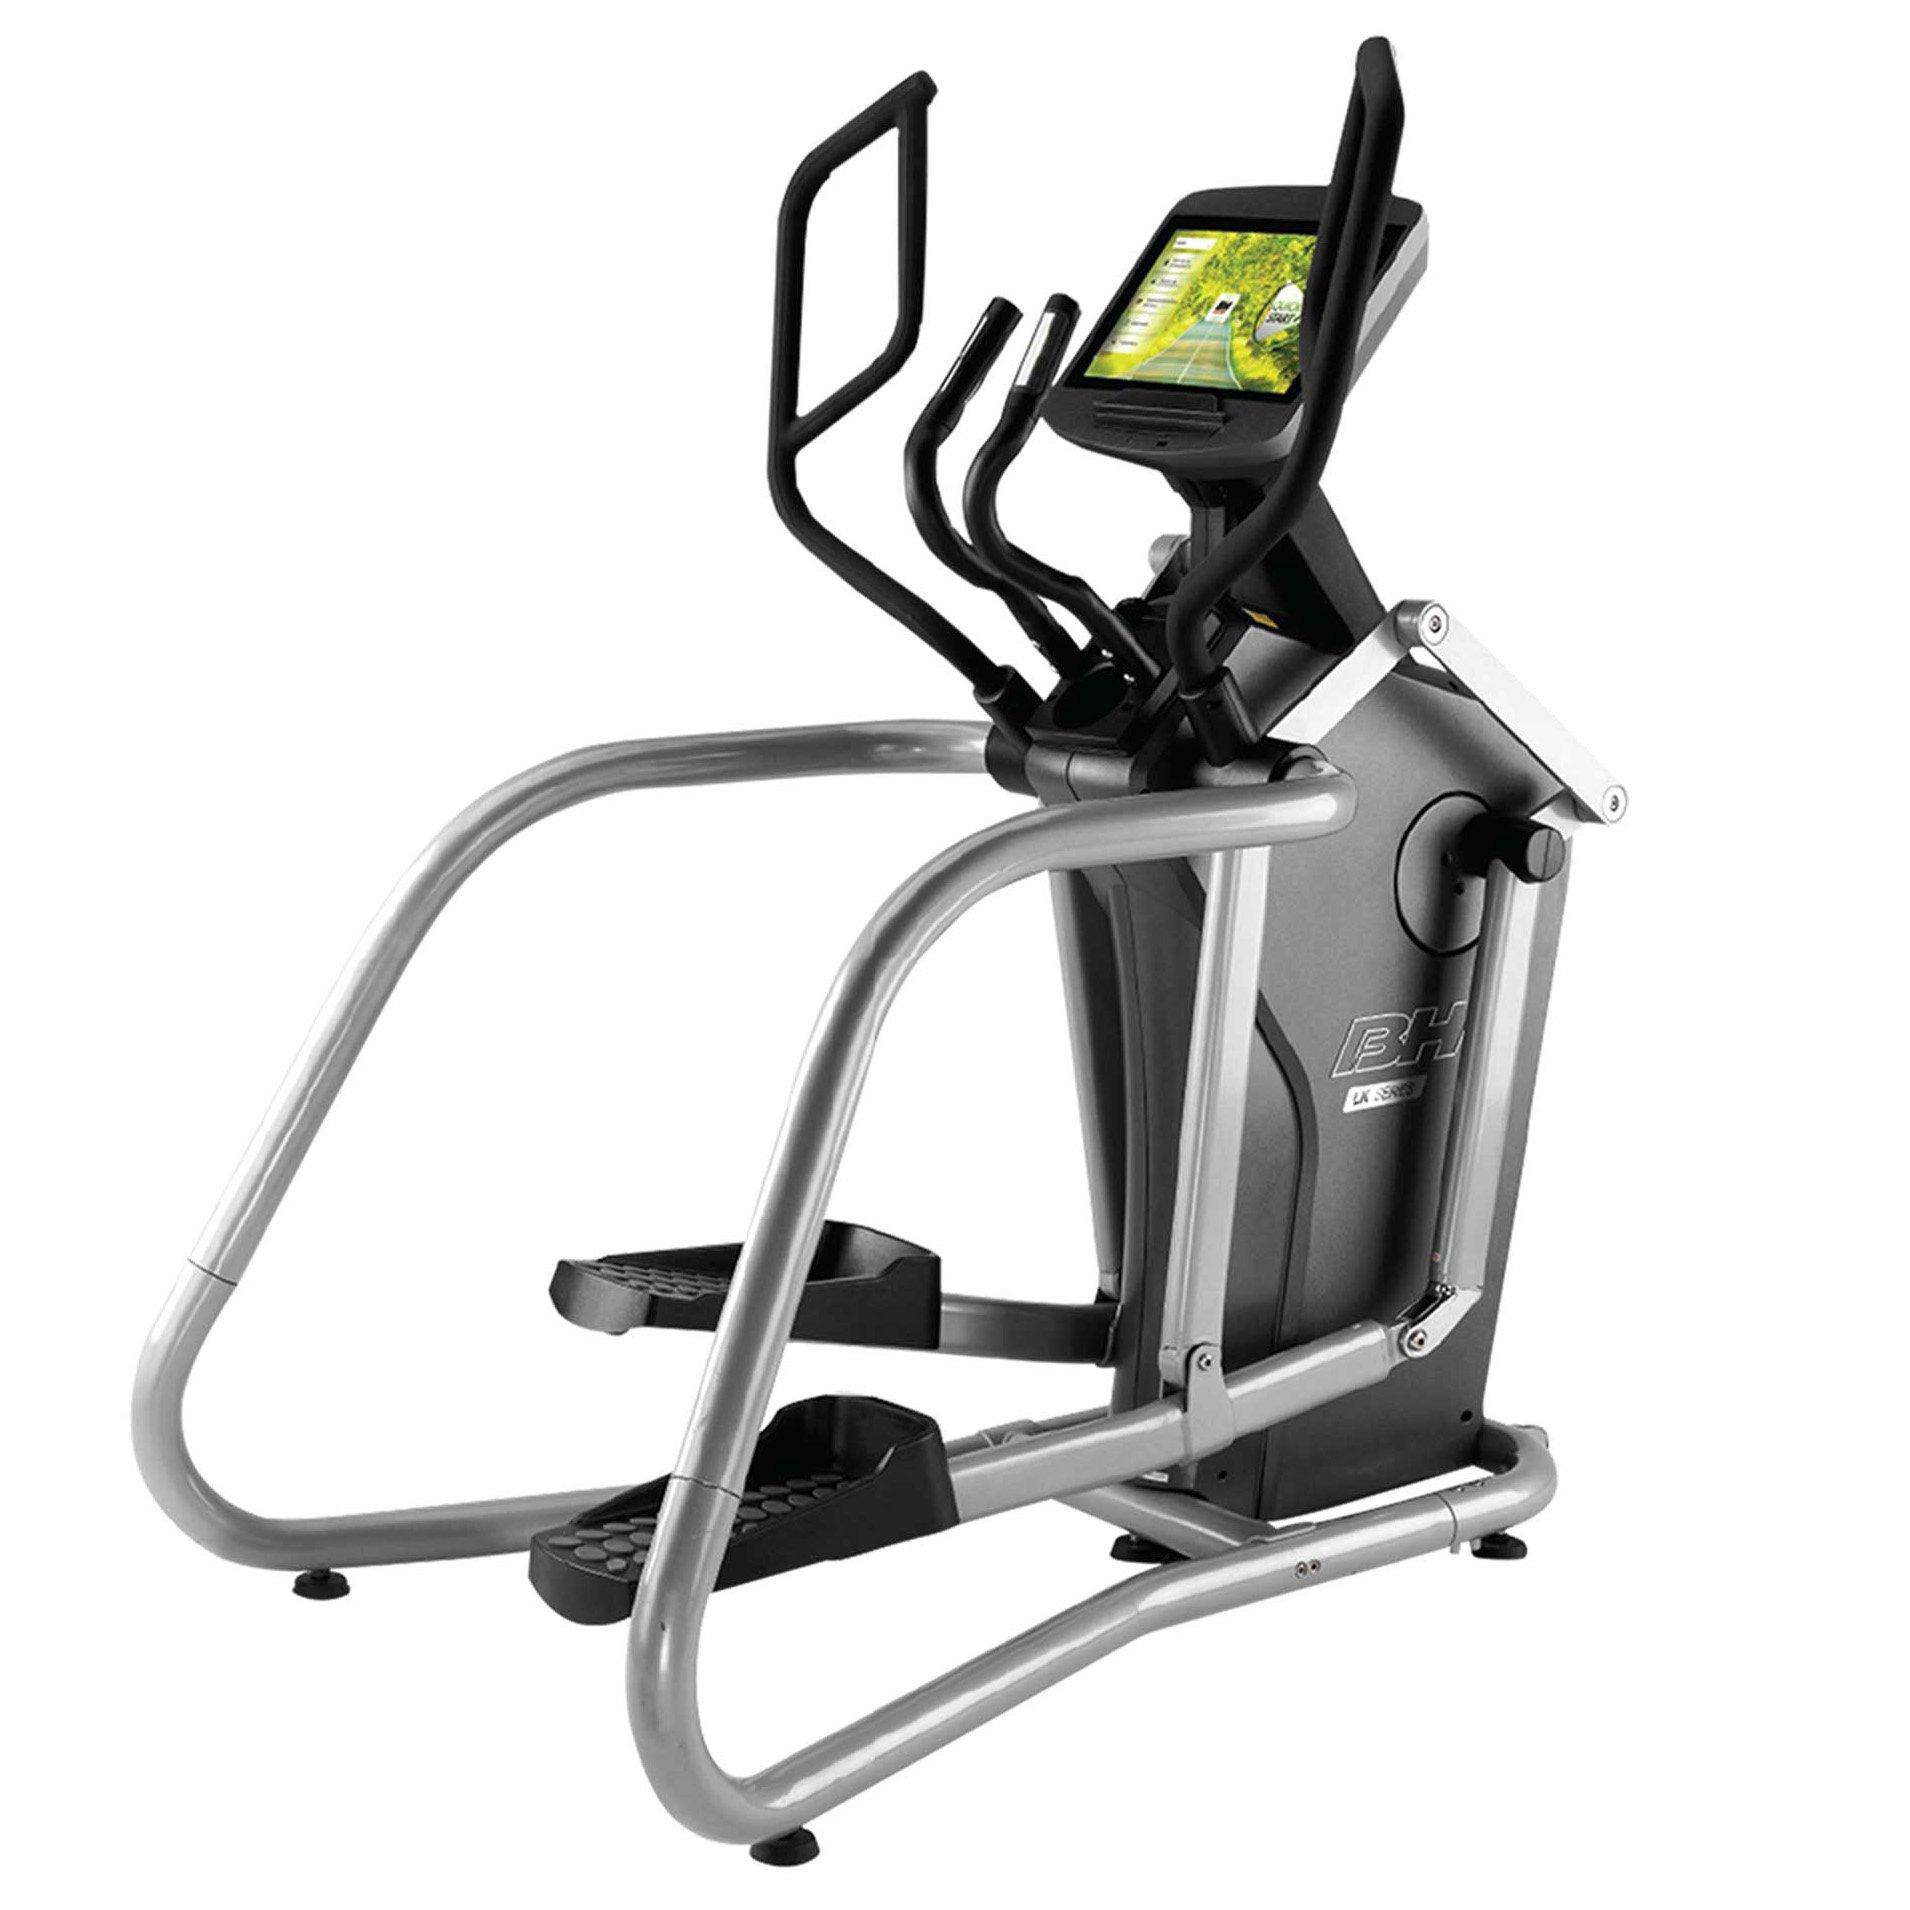 BH Fitness LK8180 G818 Eliptica: Amazon.es: Deportes y aire libre